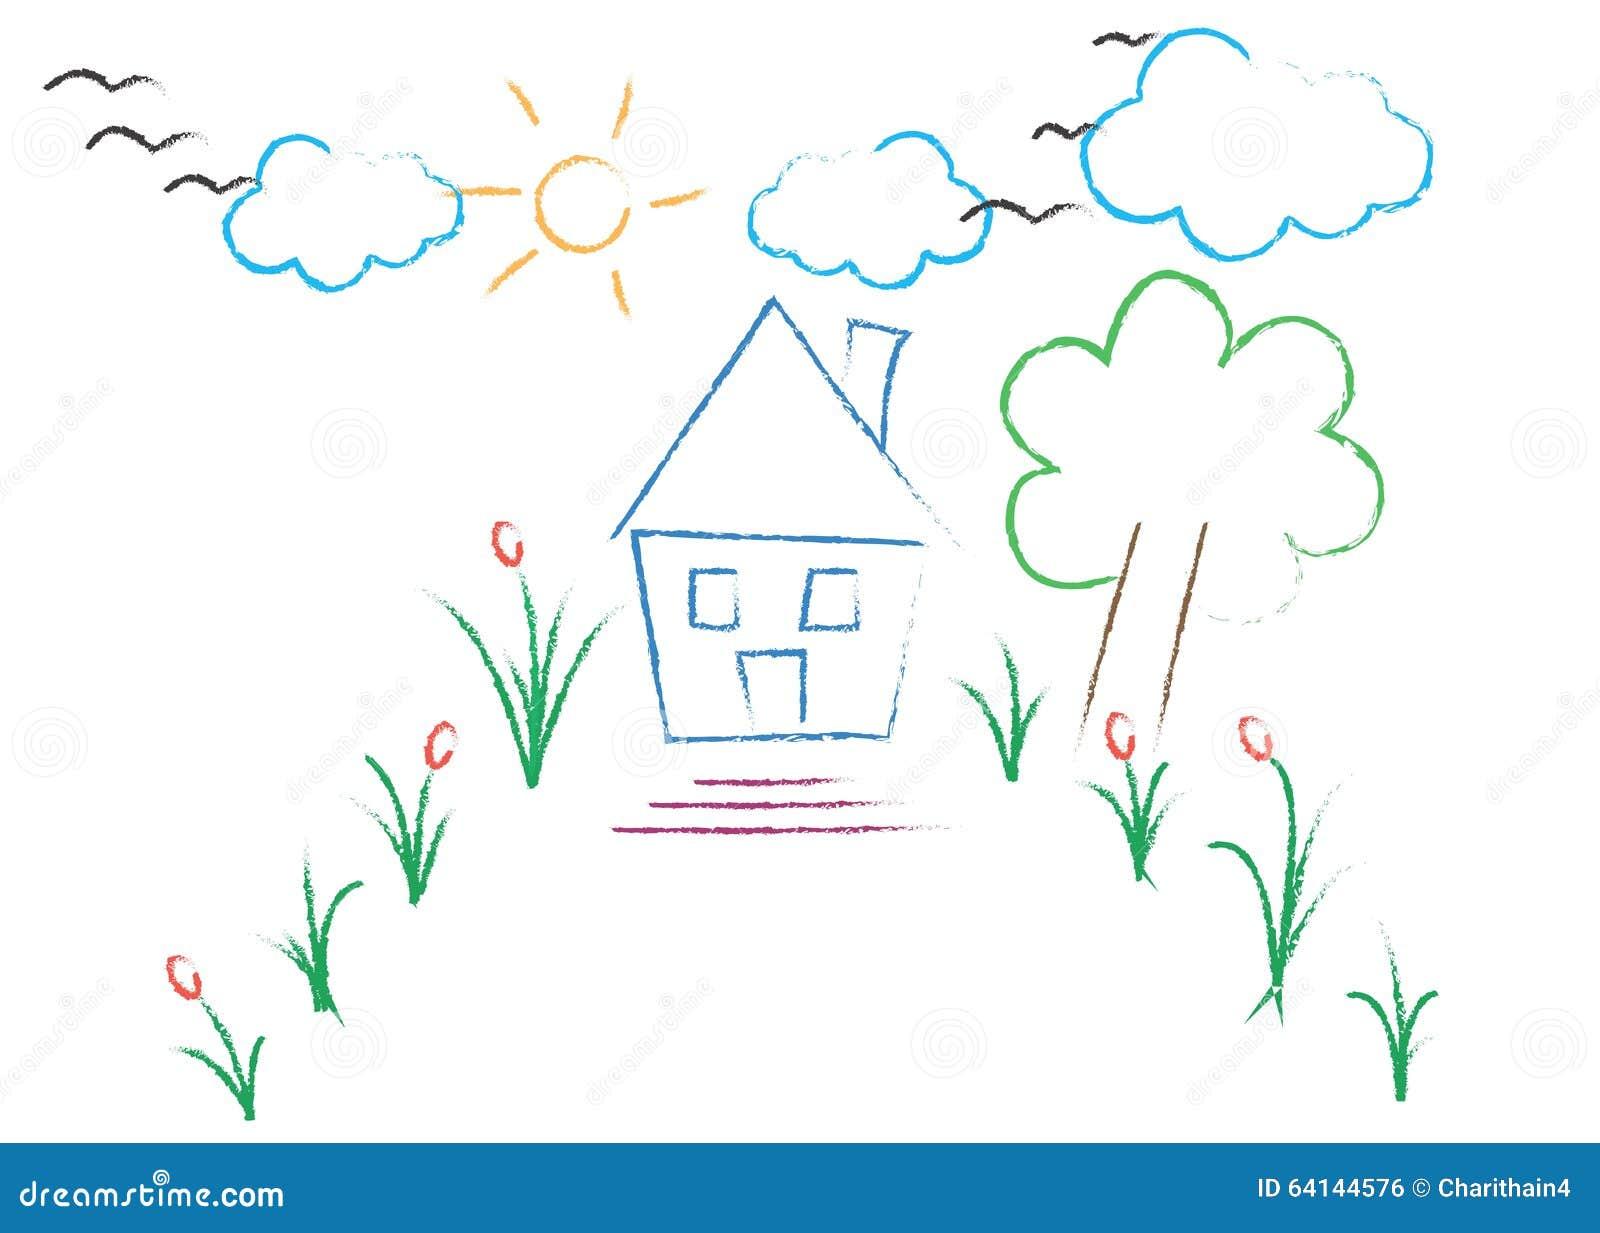 disegno Casa Giardino : Giardino Con Il Disegno Della Casa Illustrazione di Stock - Immagine ...